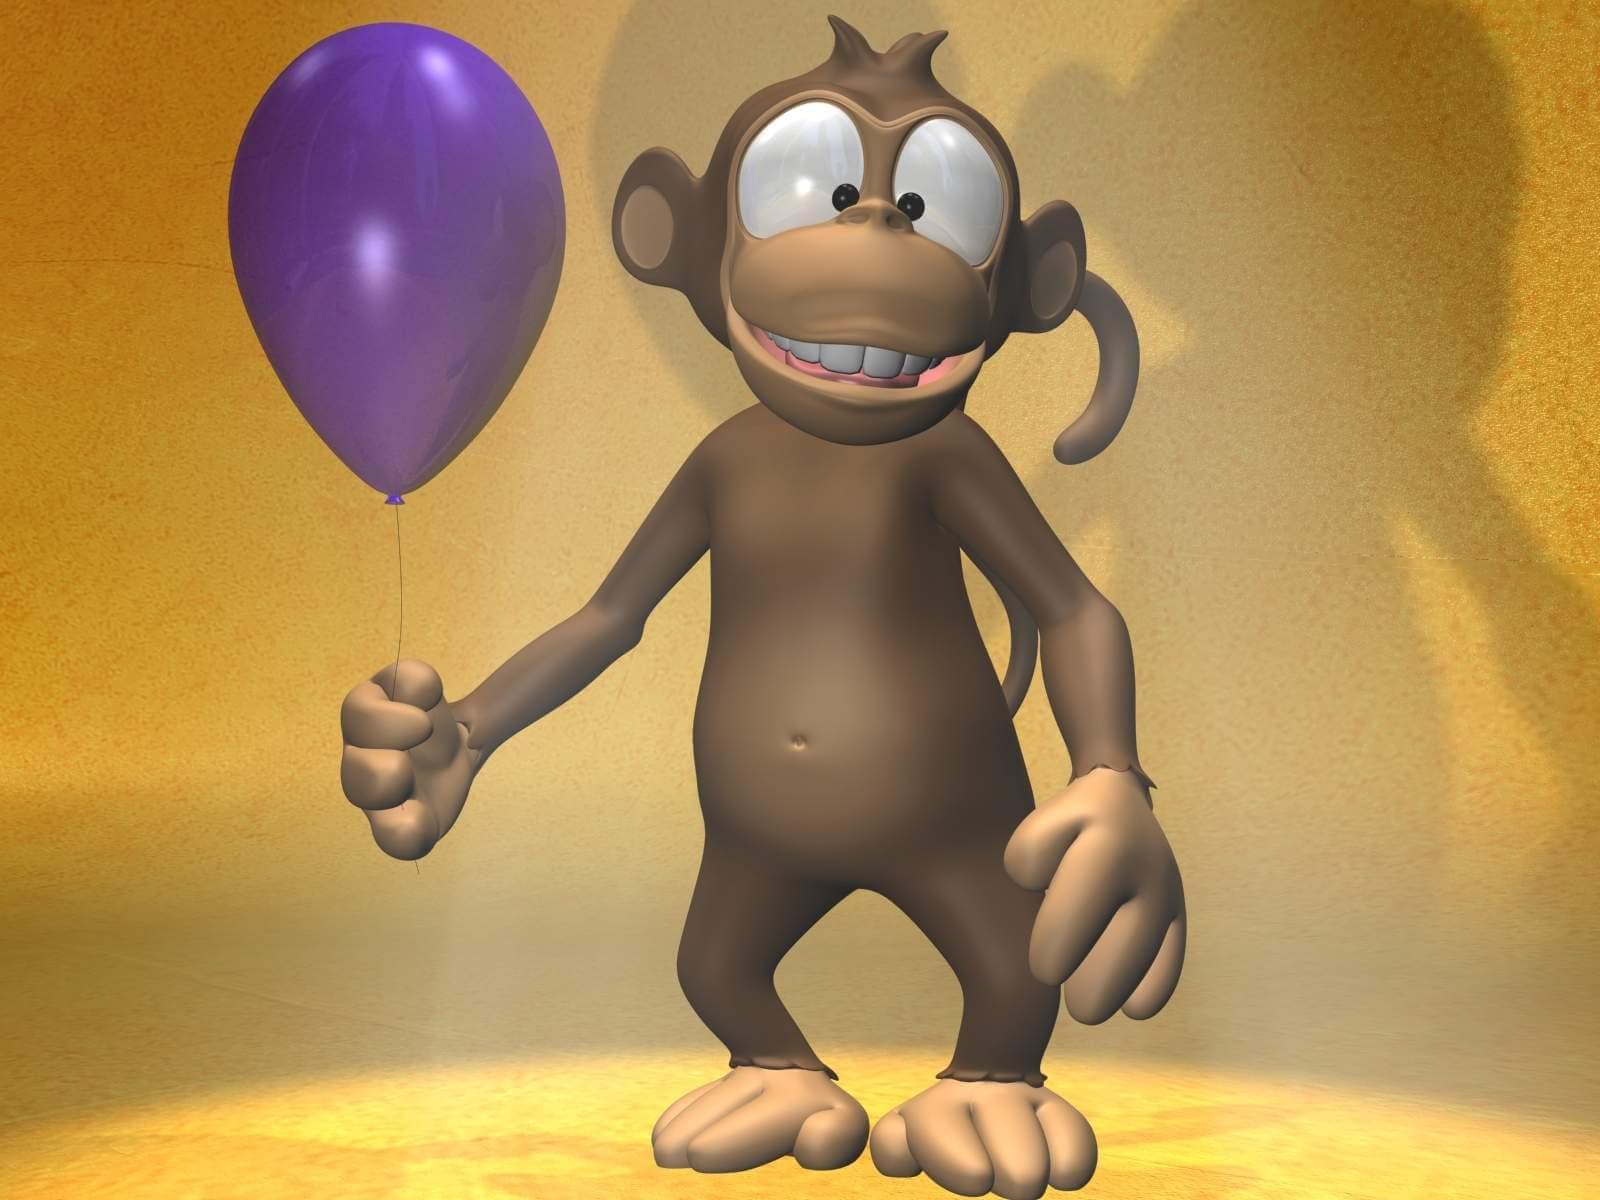 Cartoon Monkey 3D Model